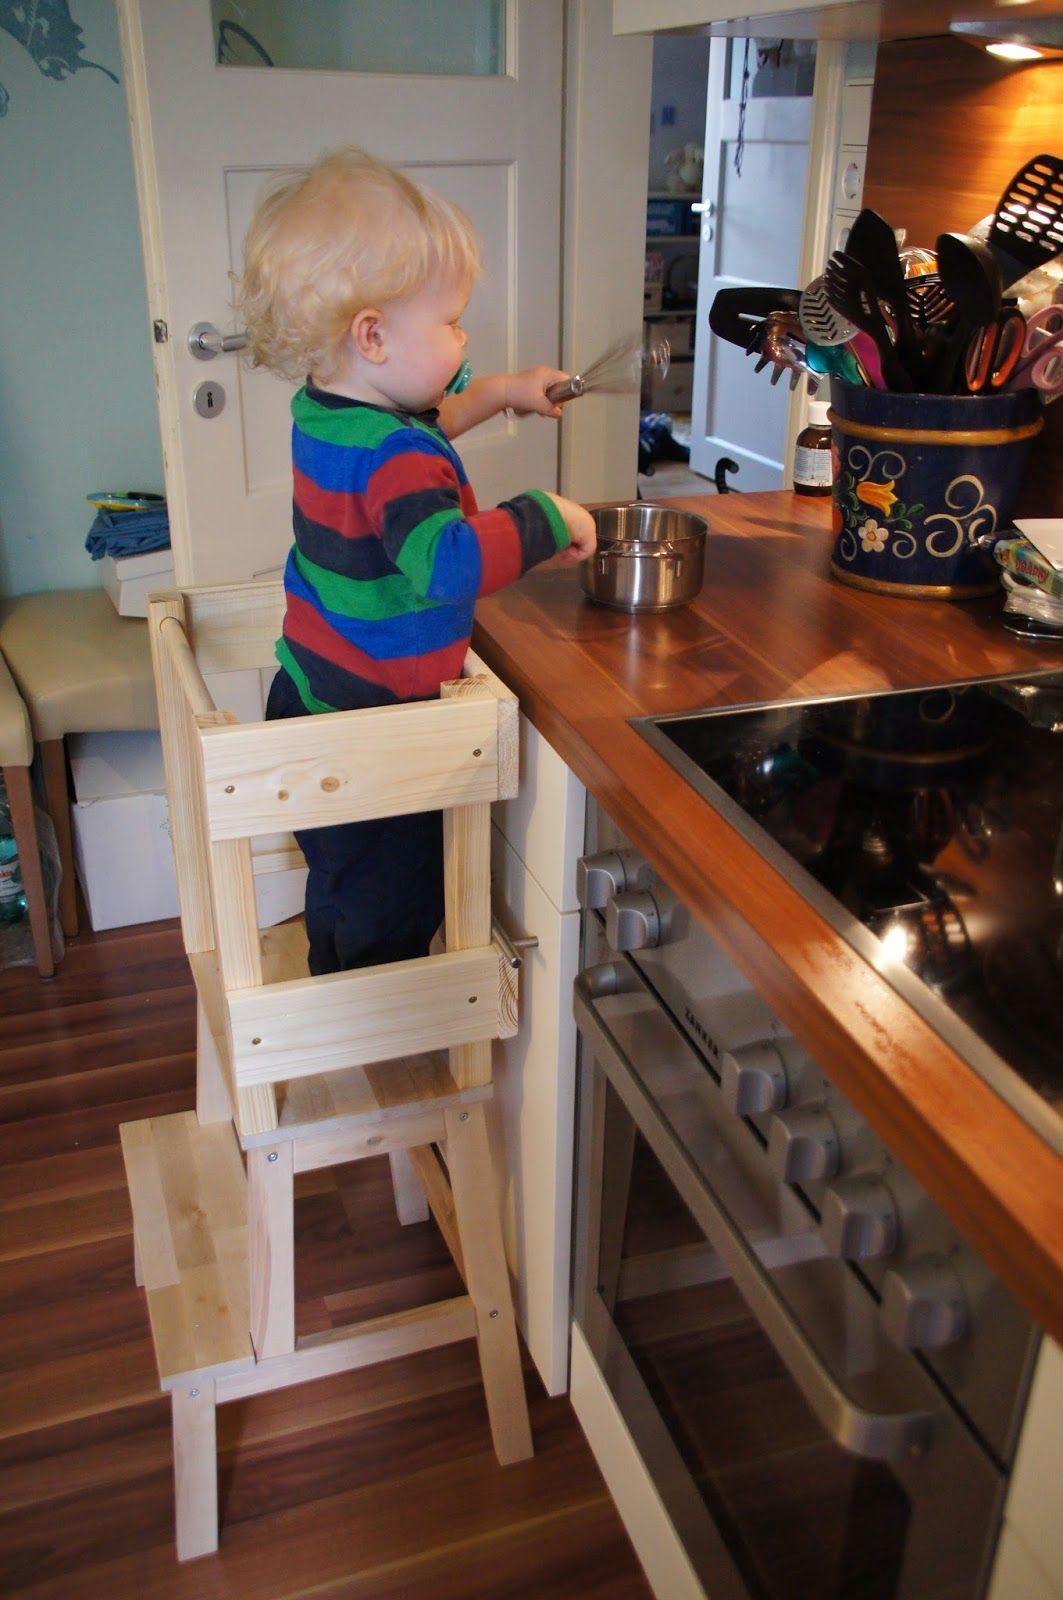 Glucksflugel Bauanleitung Fur Einen Learning Tower Lernturm Aus